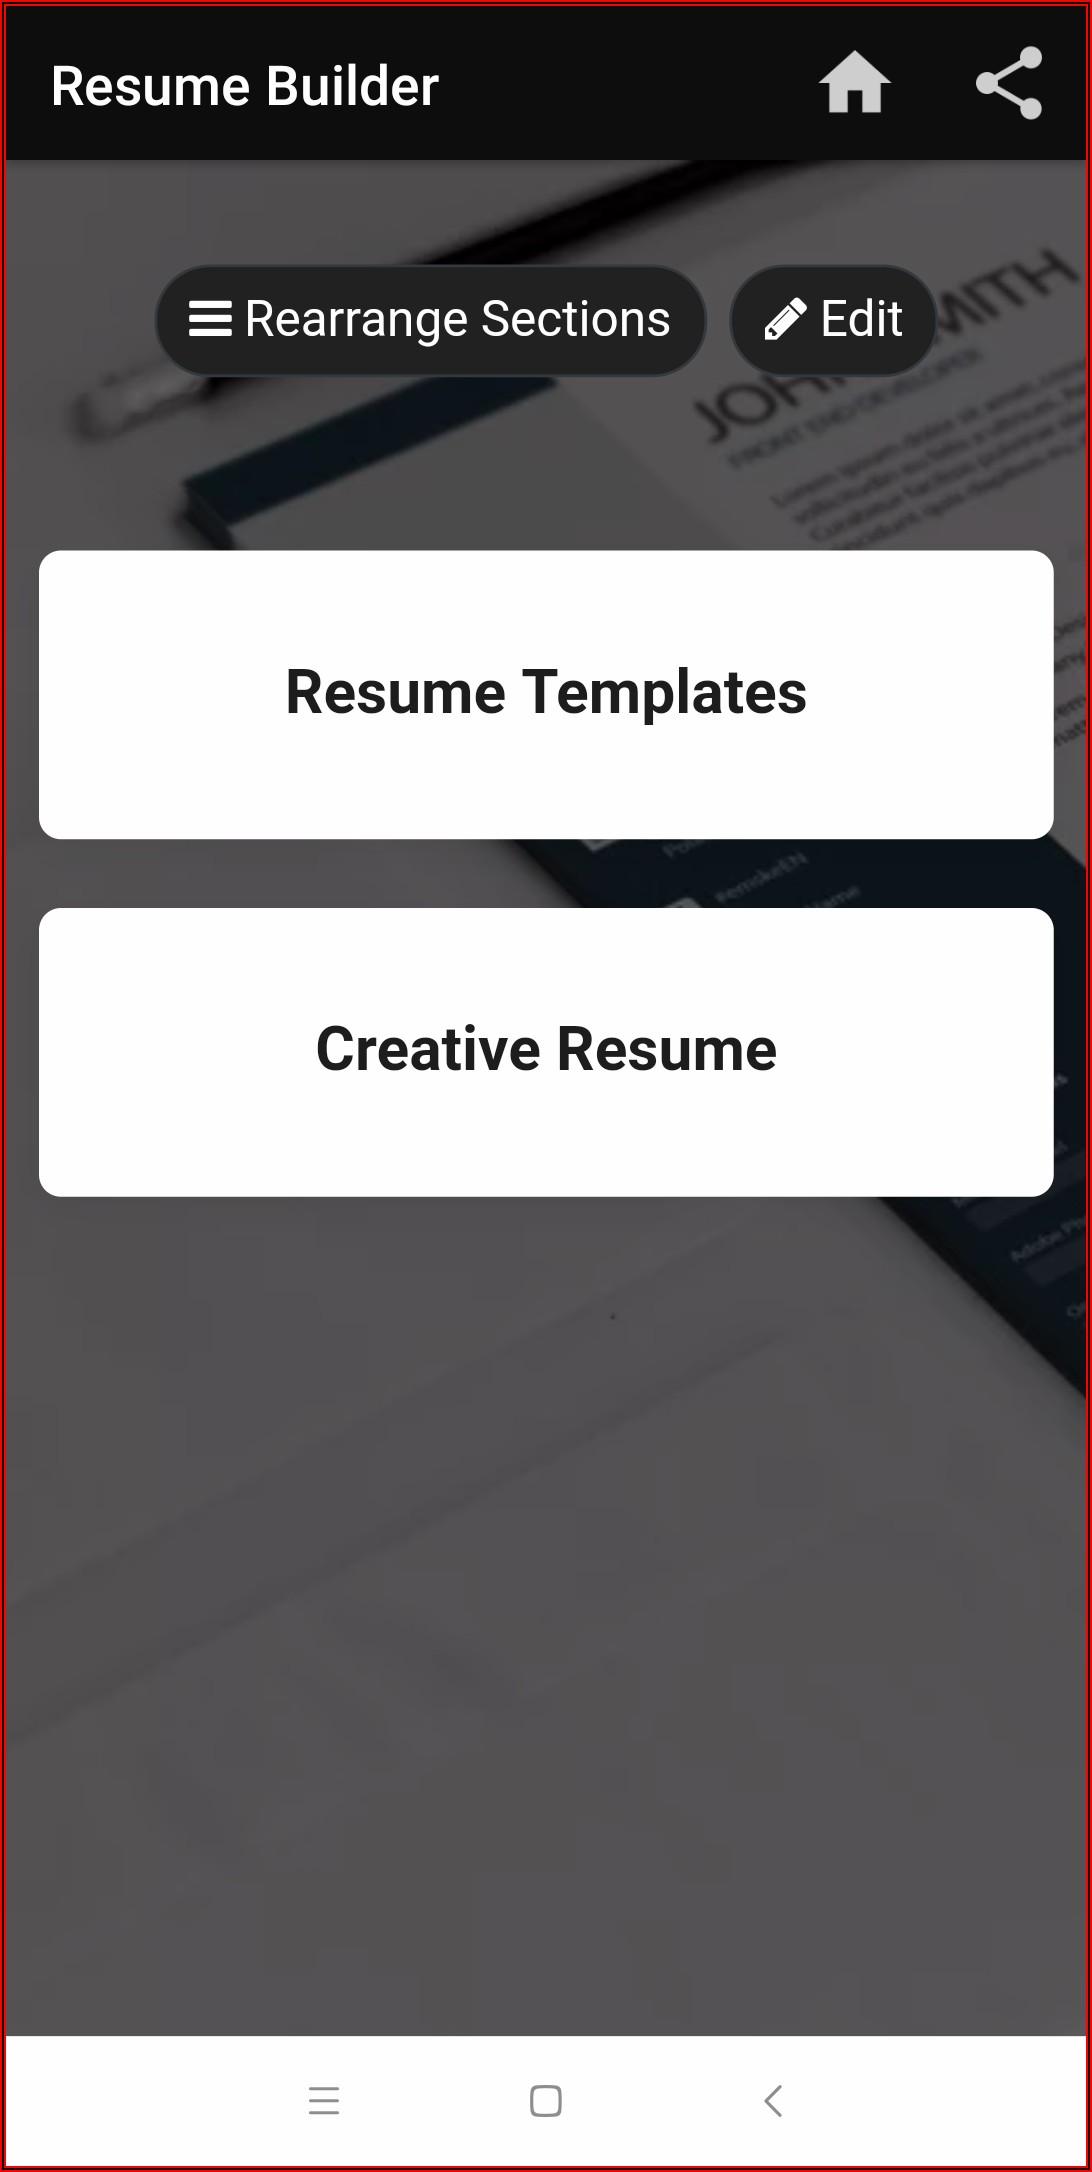 Free Resume Builder Cv Maker Templates Formats App